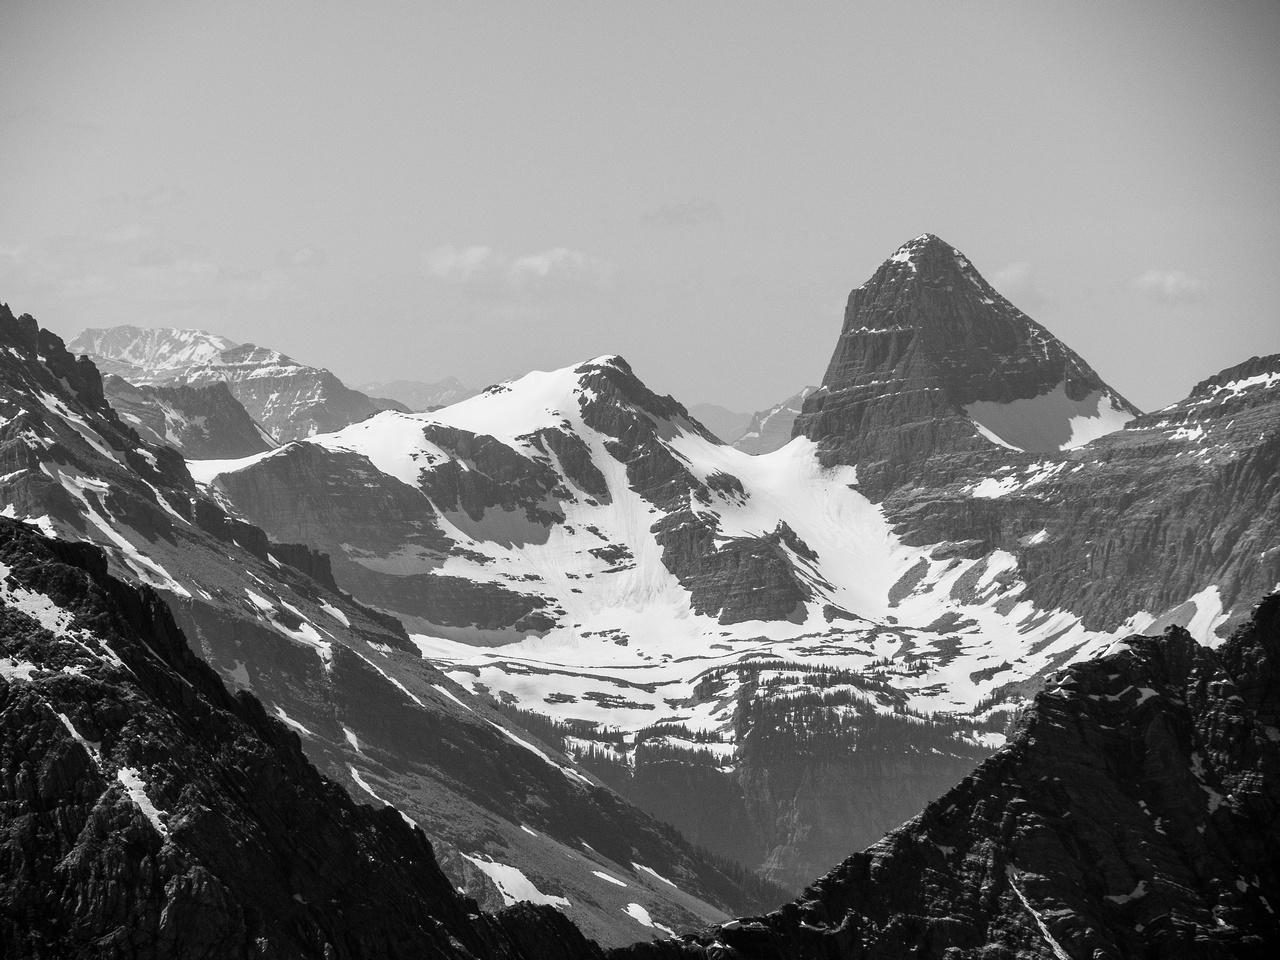 Talon Peak.